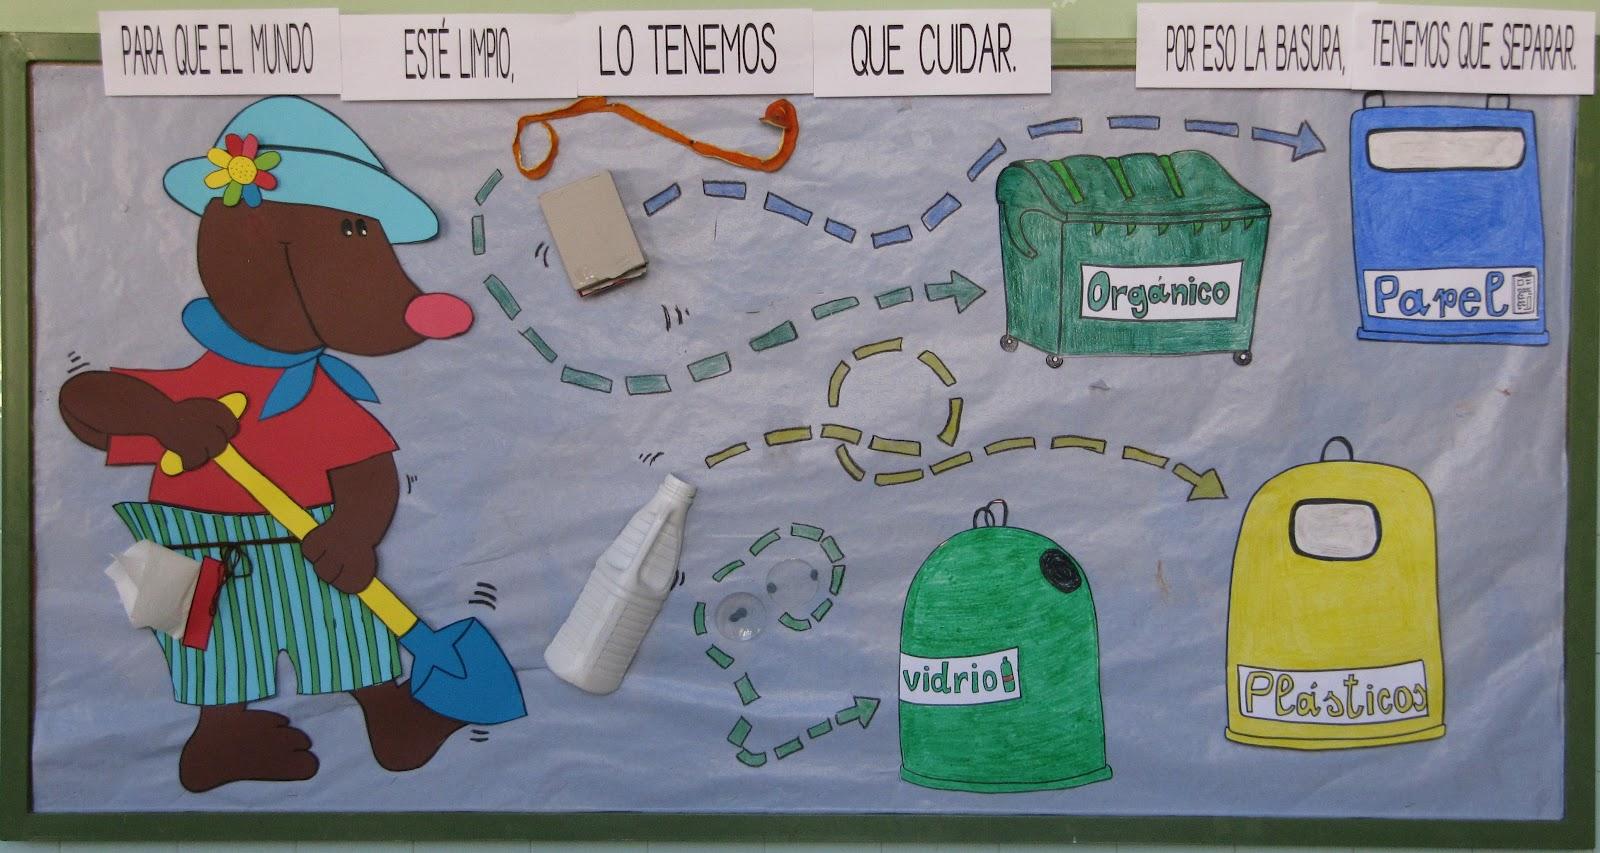 Red aragonesa de escuelas promotoras de salud marzo 2012 for Concepto de periodico mural